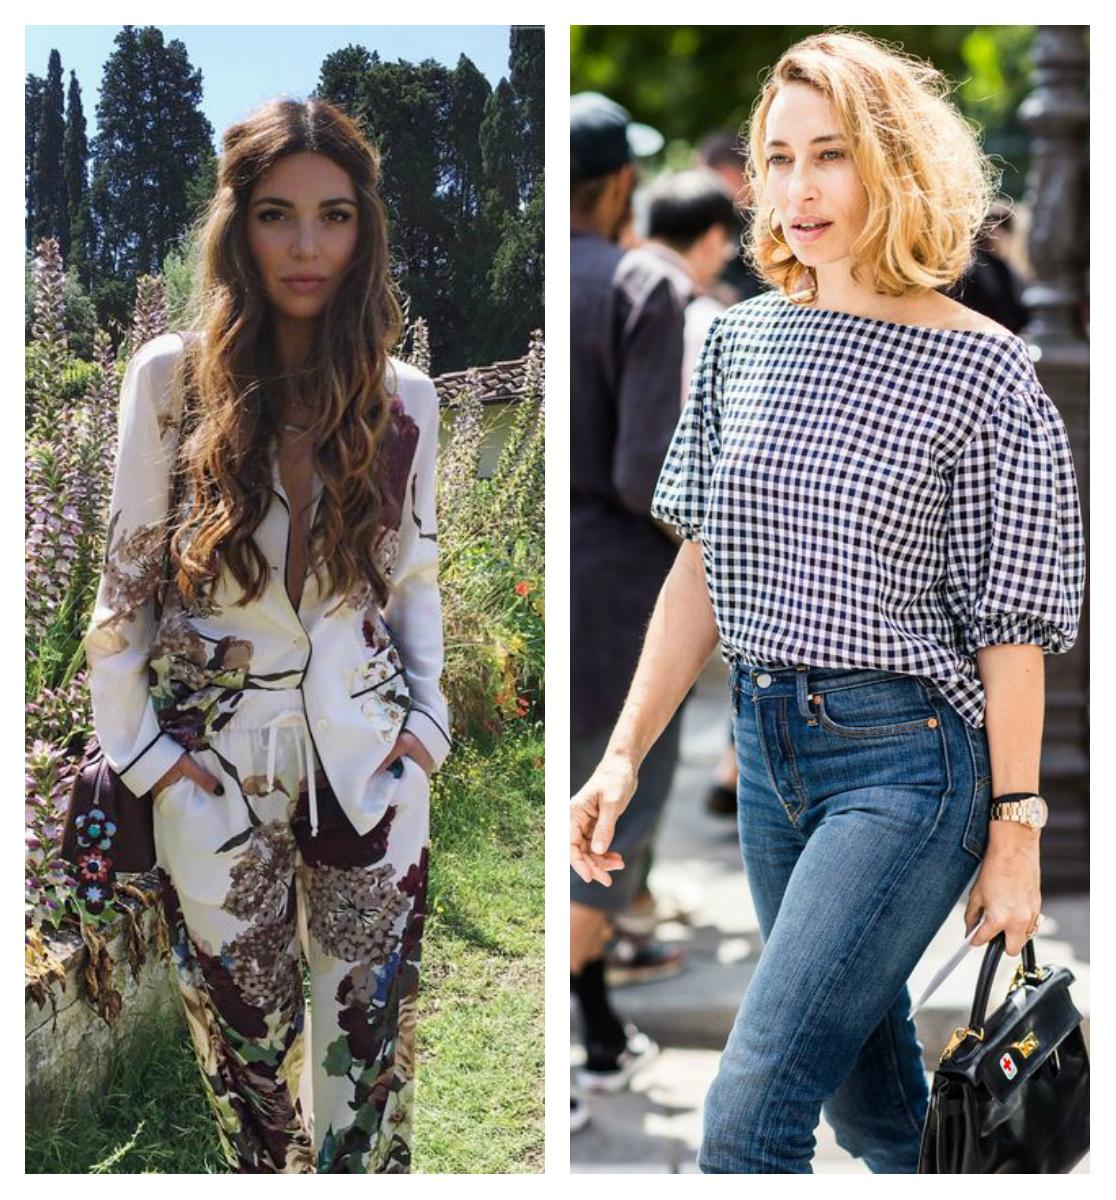 прическа и стиль одежды